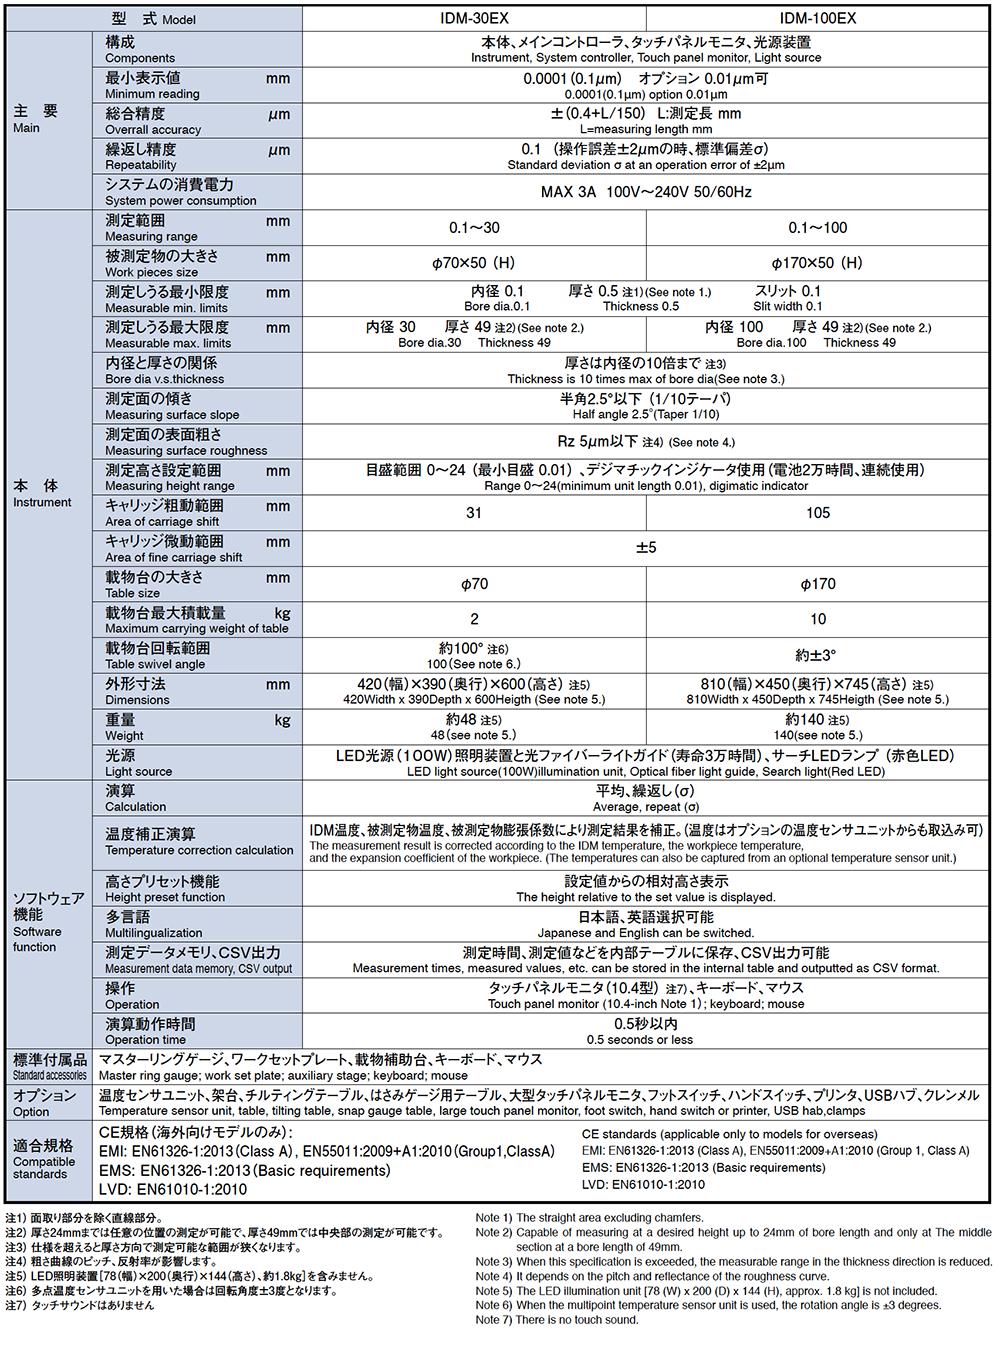 IDM-30EX/100EX仕様